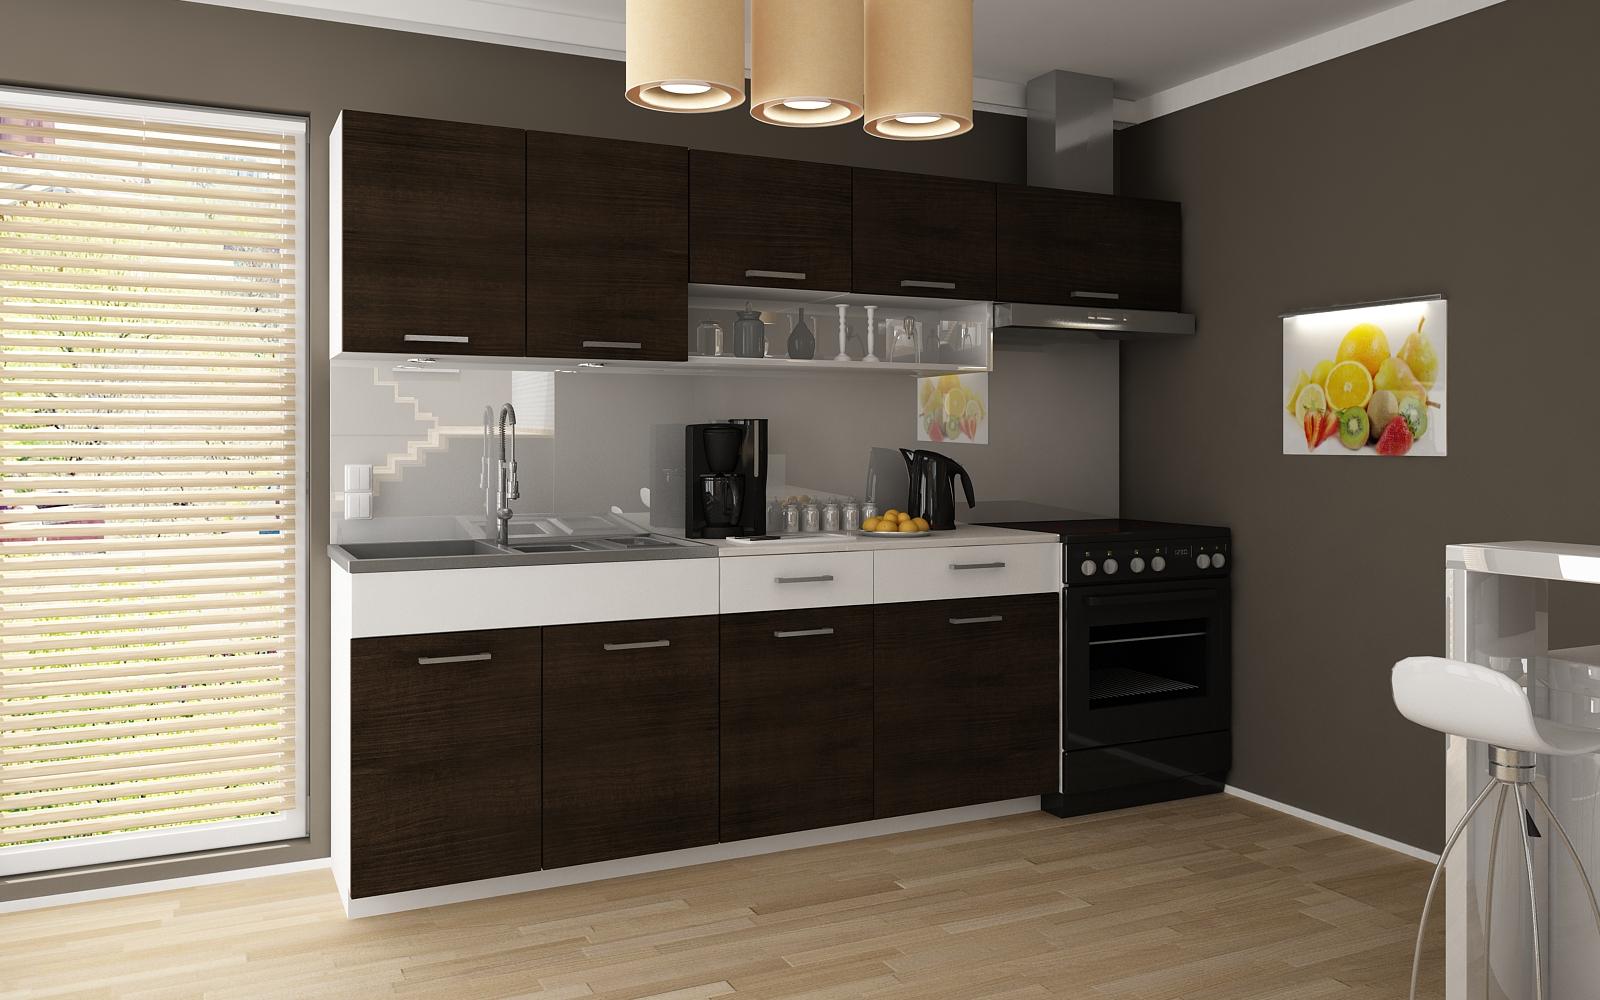 Kuchyňská linka Tatius 180/240 wenge/bílý pruh